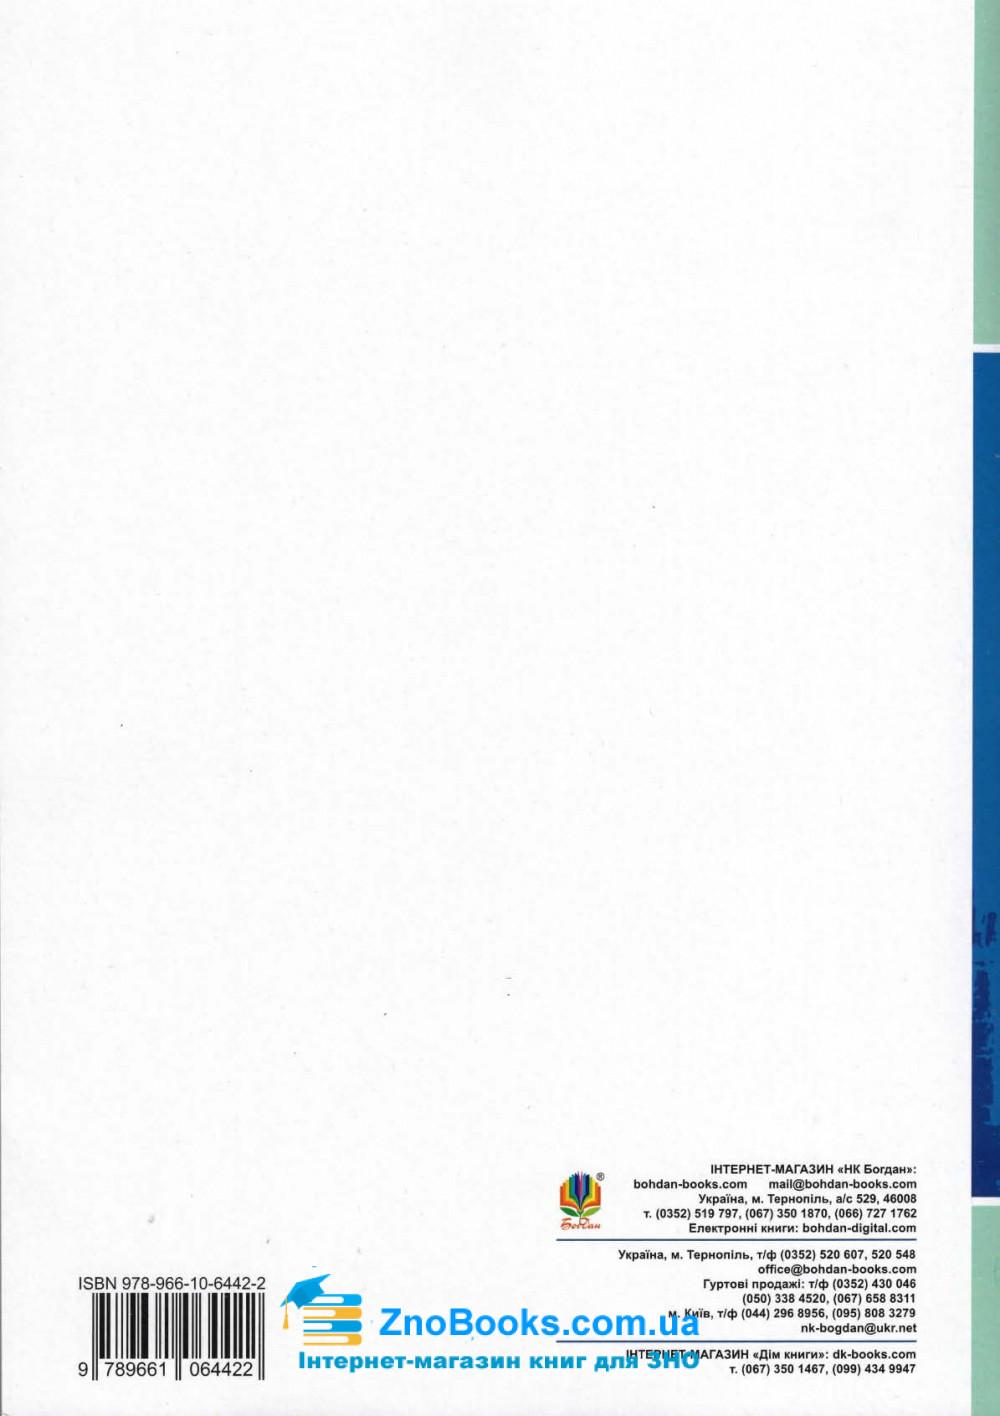 Англійська мова. Комплексне видання для підготовки до ЗНО та ДПА. English Exam Brushup. Рівні В1 та В2 : Навчальна книга - Богдан. купити 11